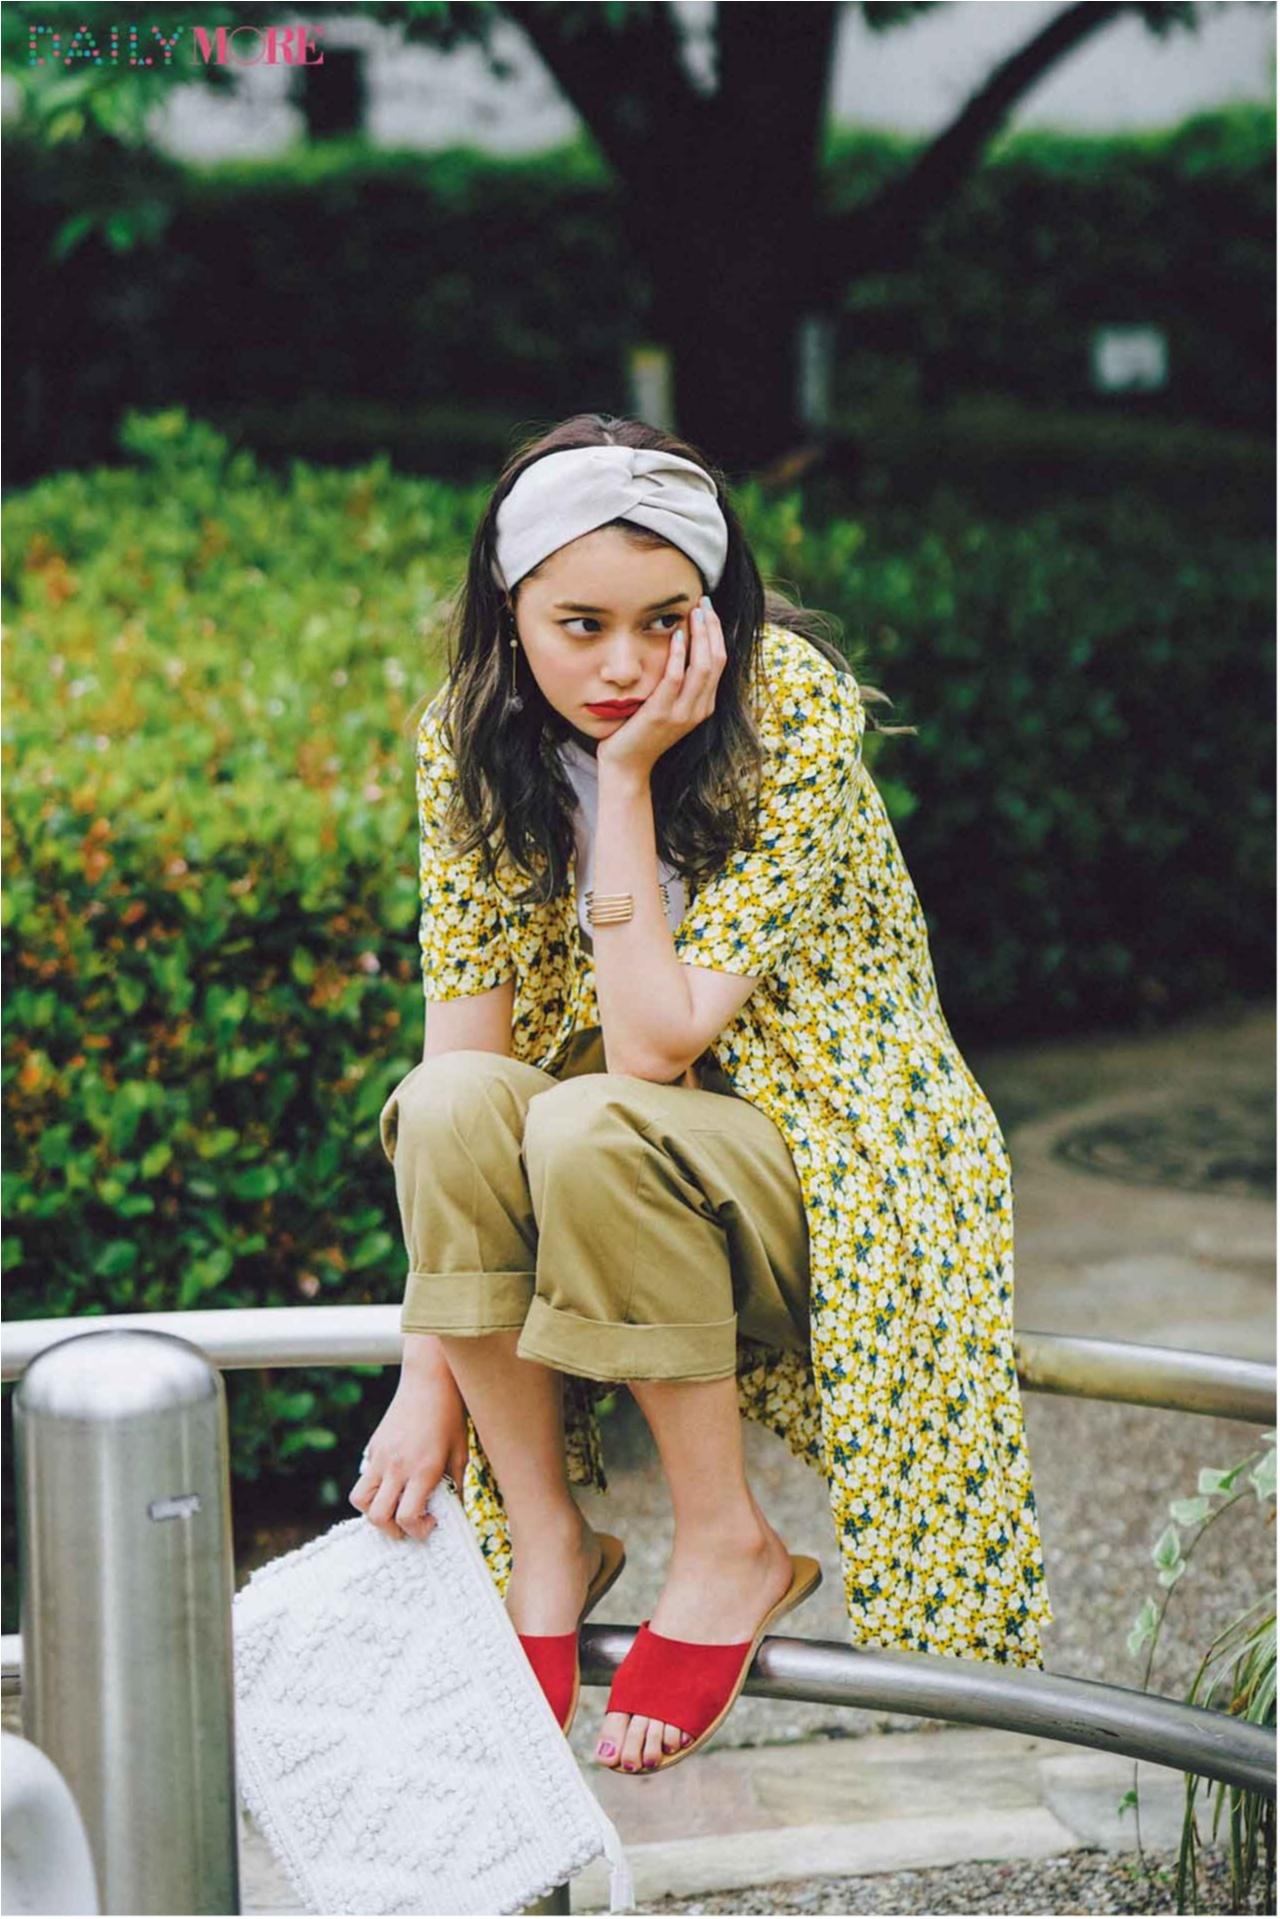 夏→秋の冷え対策に♪ おしゃれでかわいい「羽織りもの」コーデまとめ♡_1_13